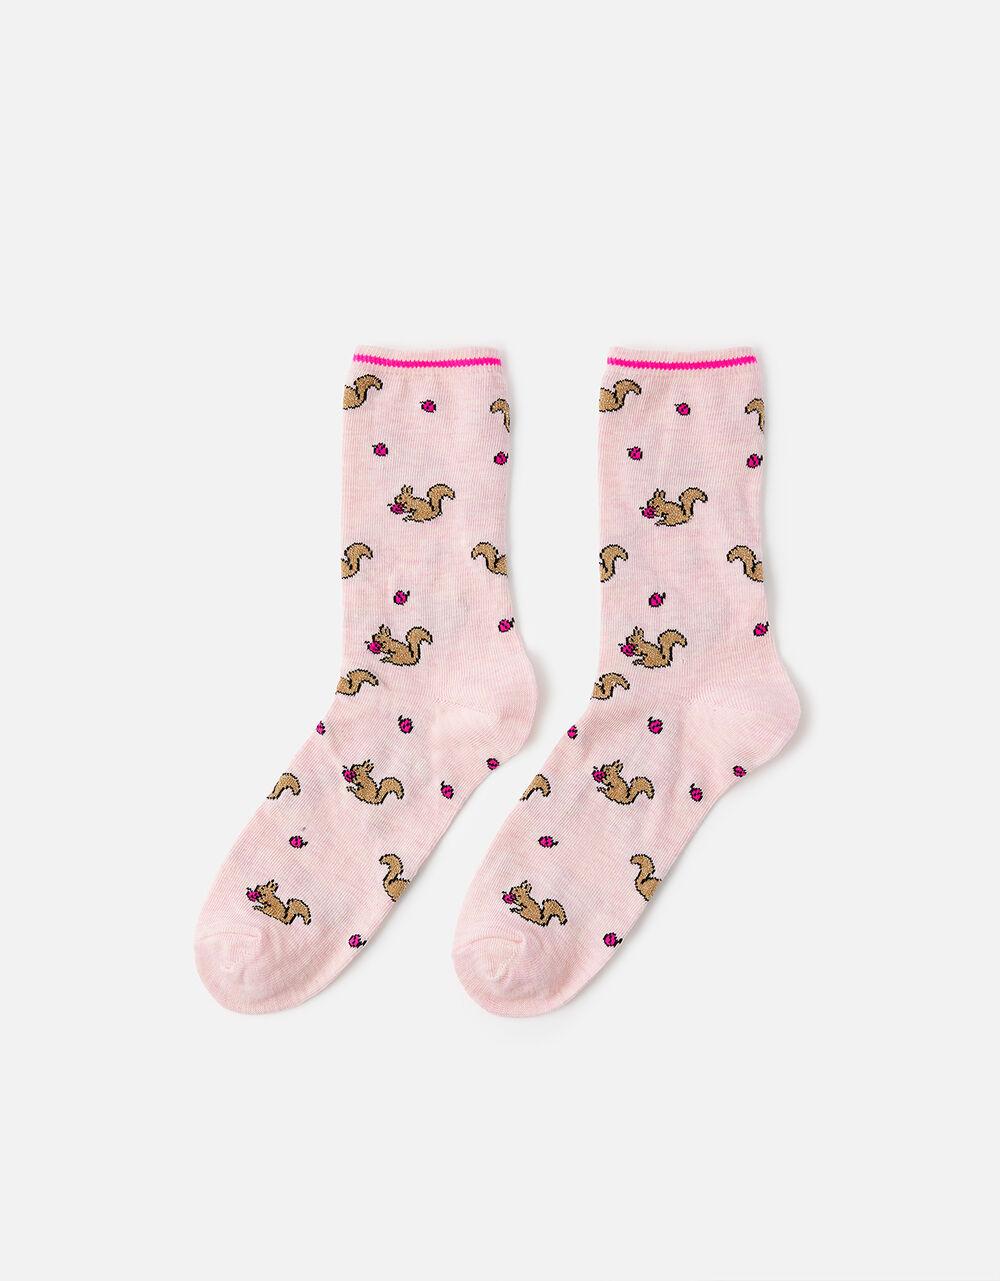 Shimmer Squirrel Socks, , large